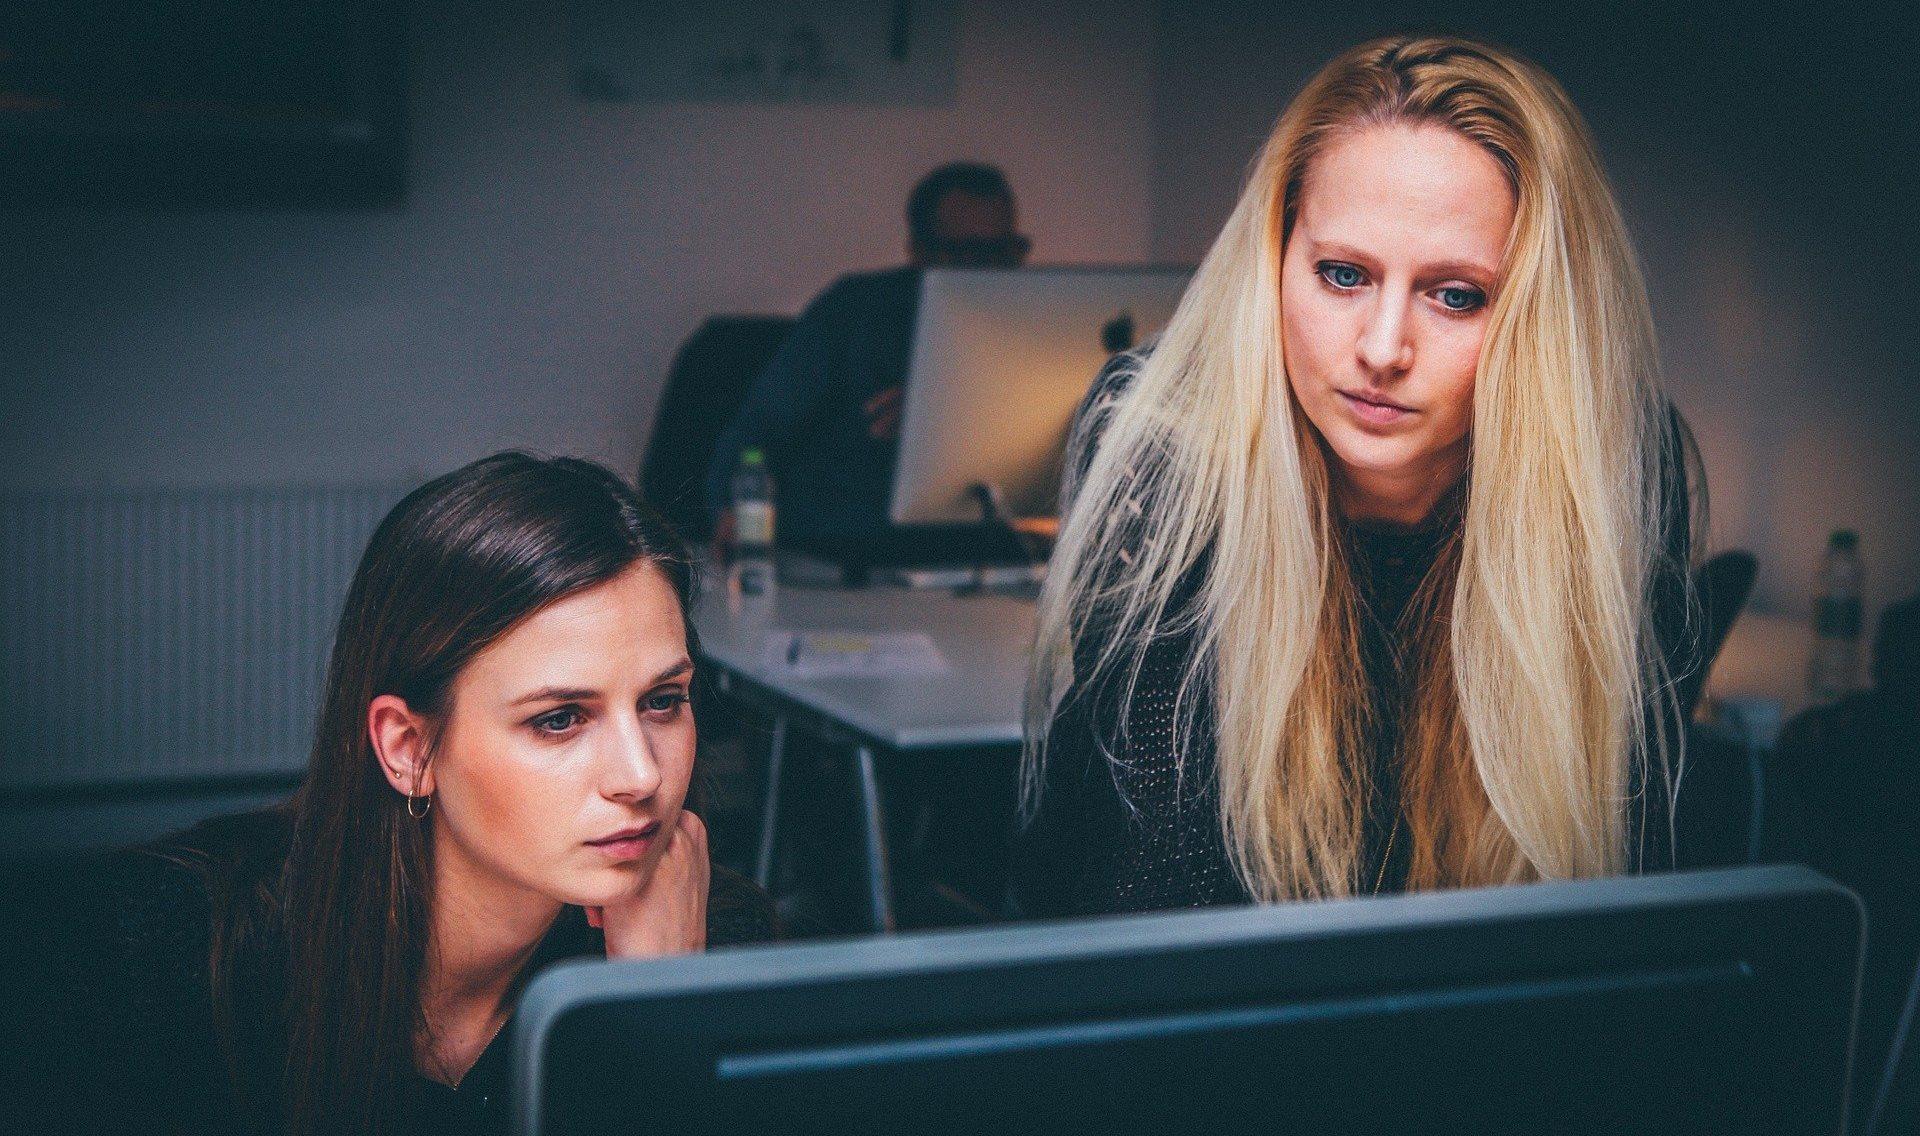 Funding for Women's Leadership Development – Deadline February 14th